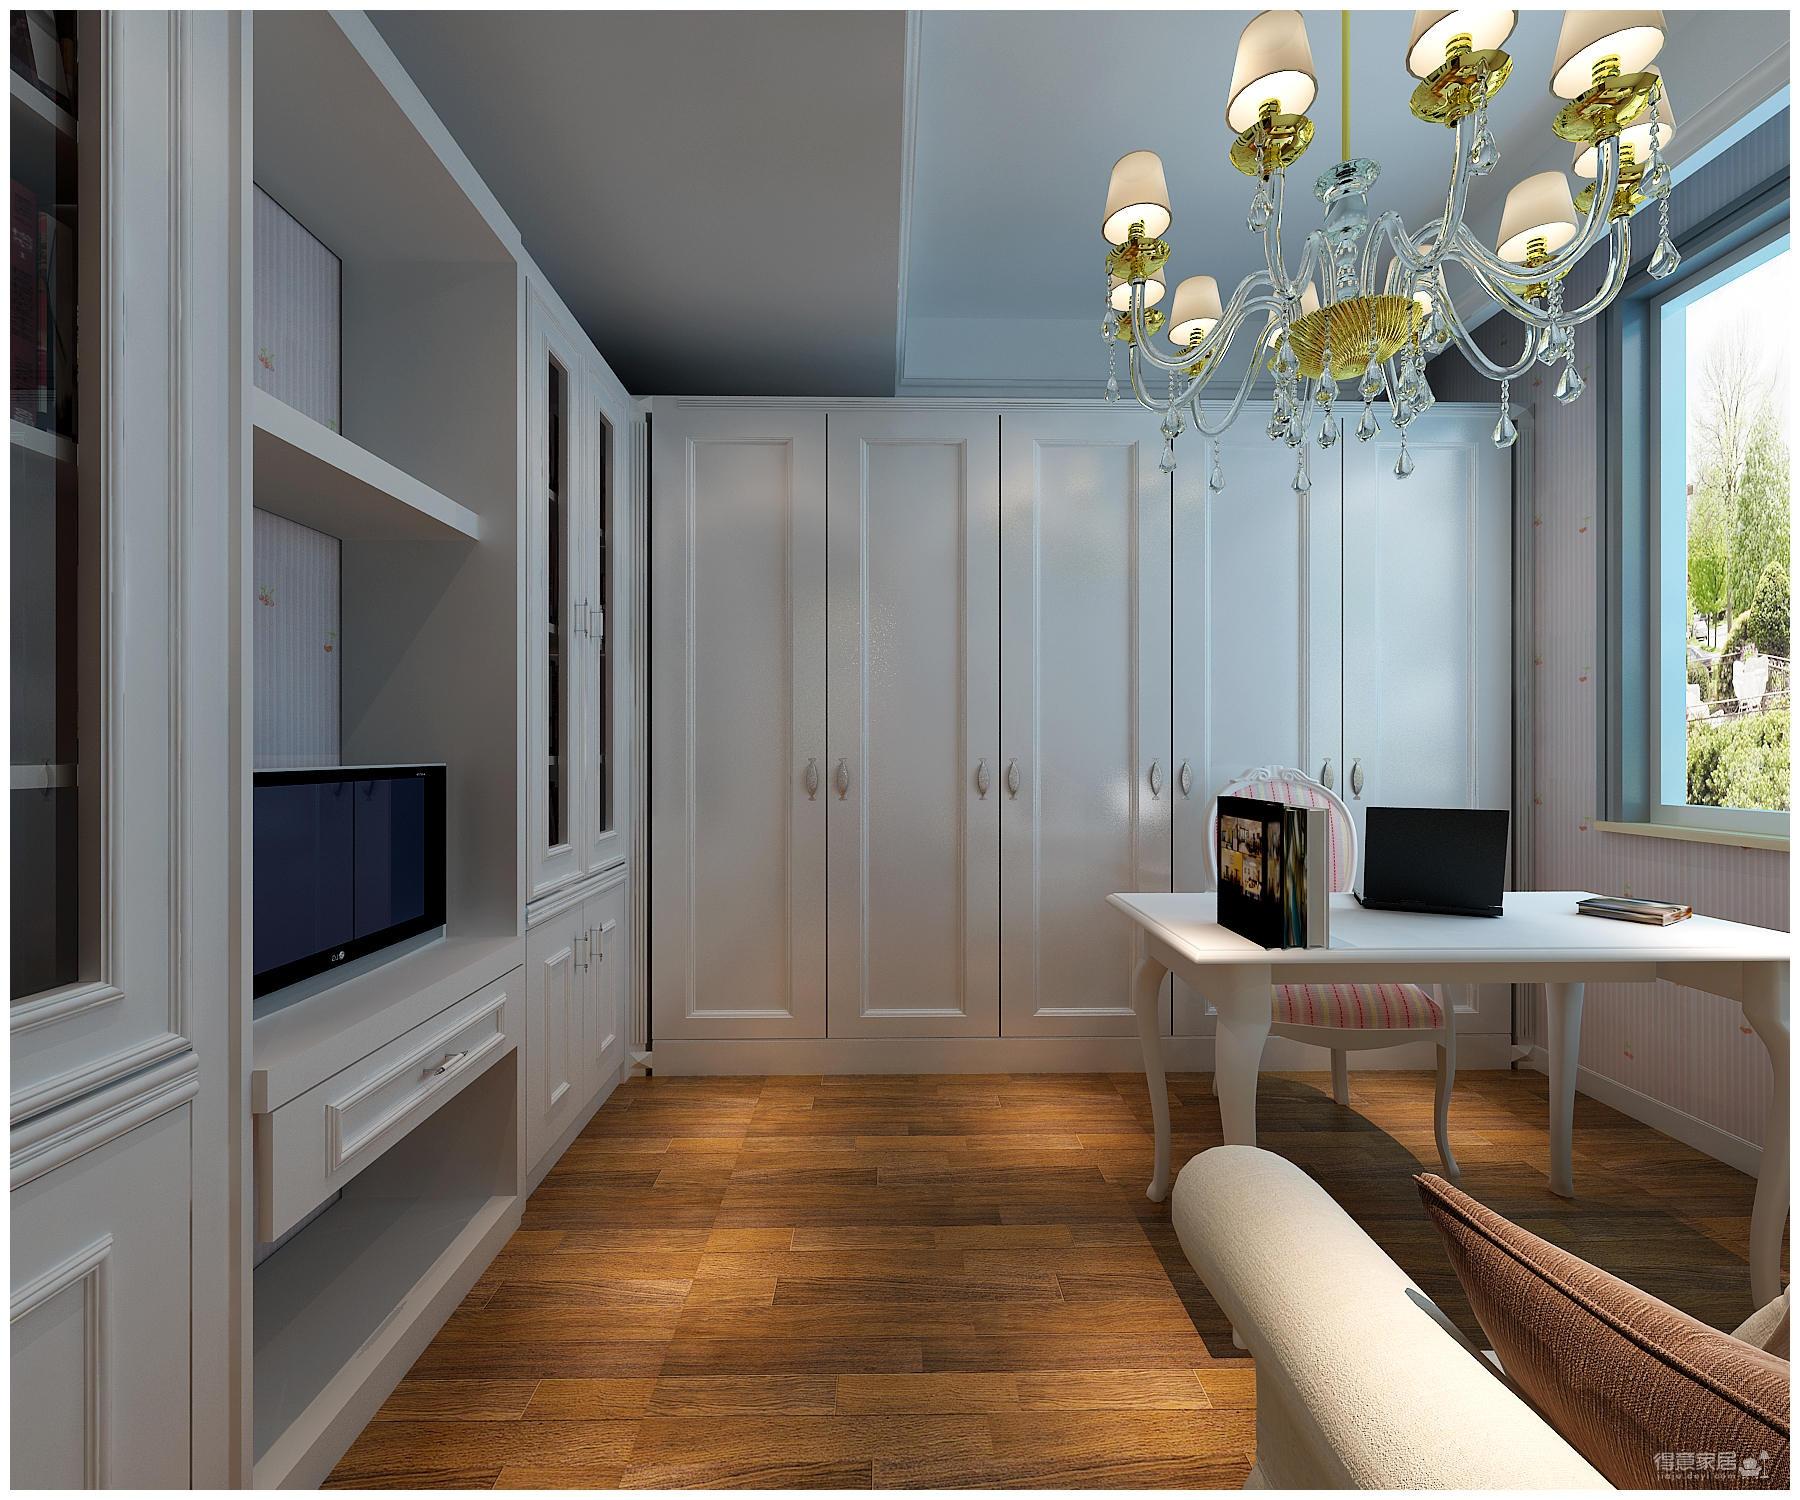 320平米别墅装修/新中式风格的独特演绎图_7